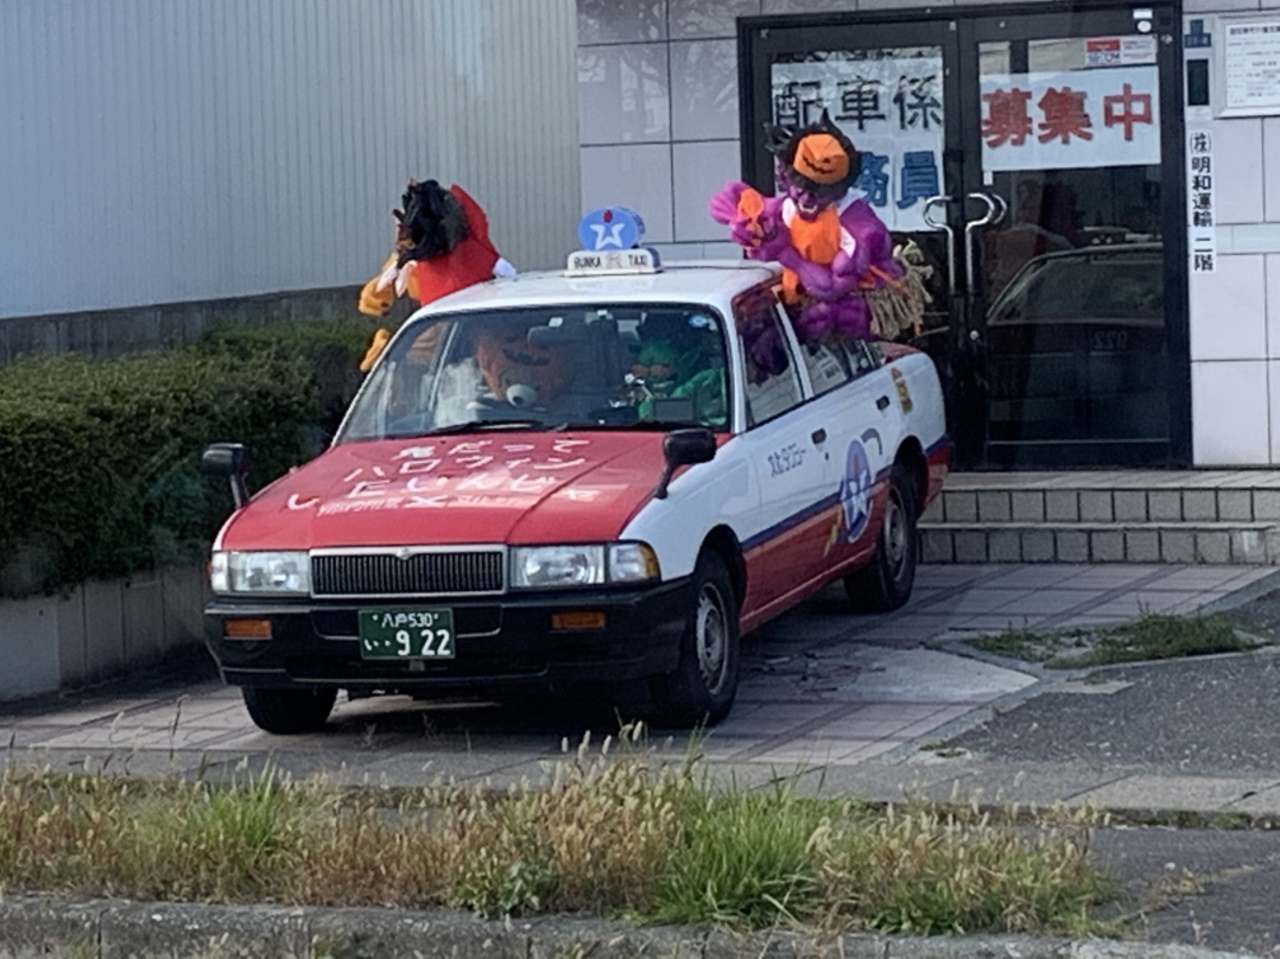 青森県八戸市 文化タクシー「鬼だってハロウィンしたいんじゃ2019」